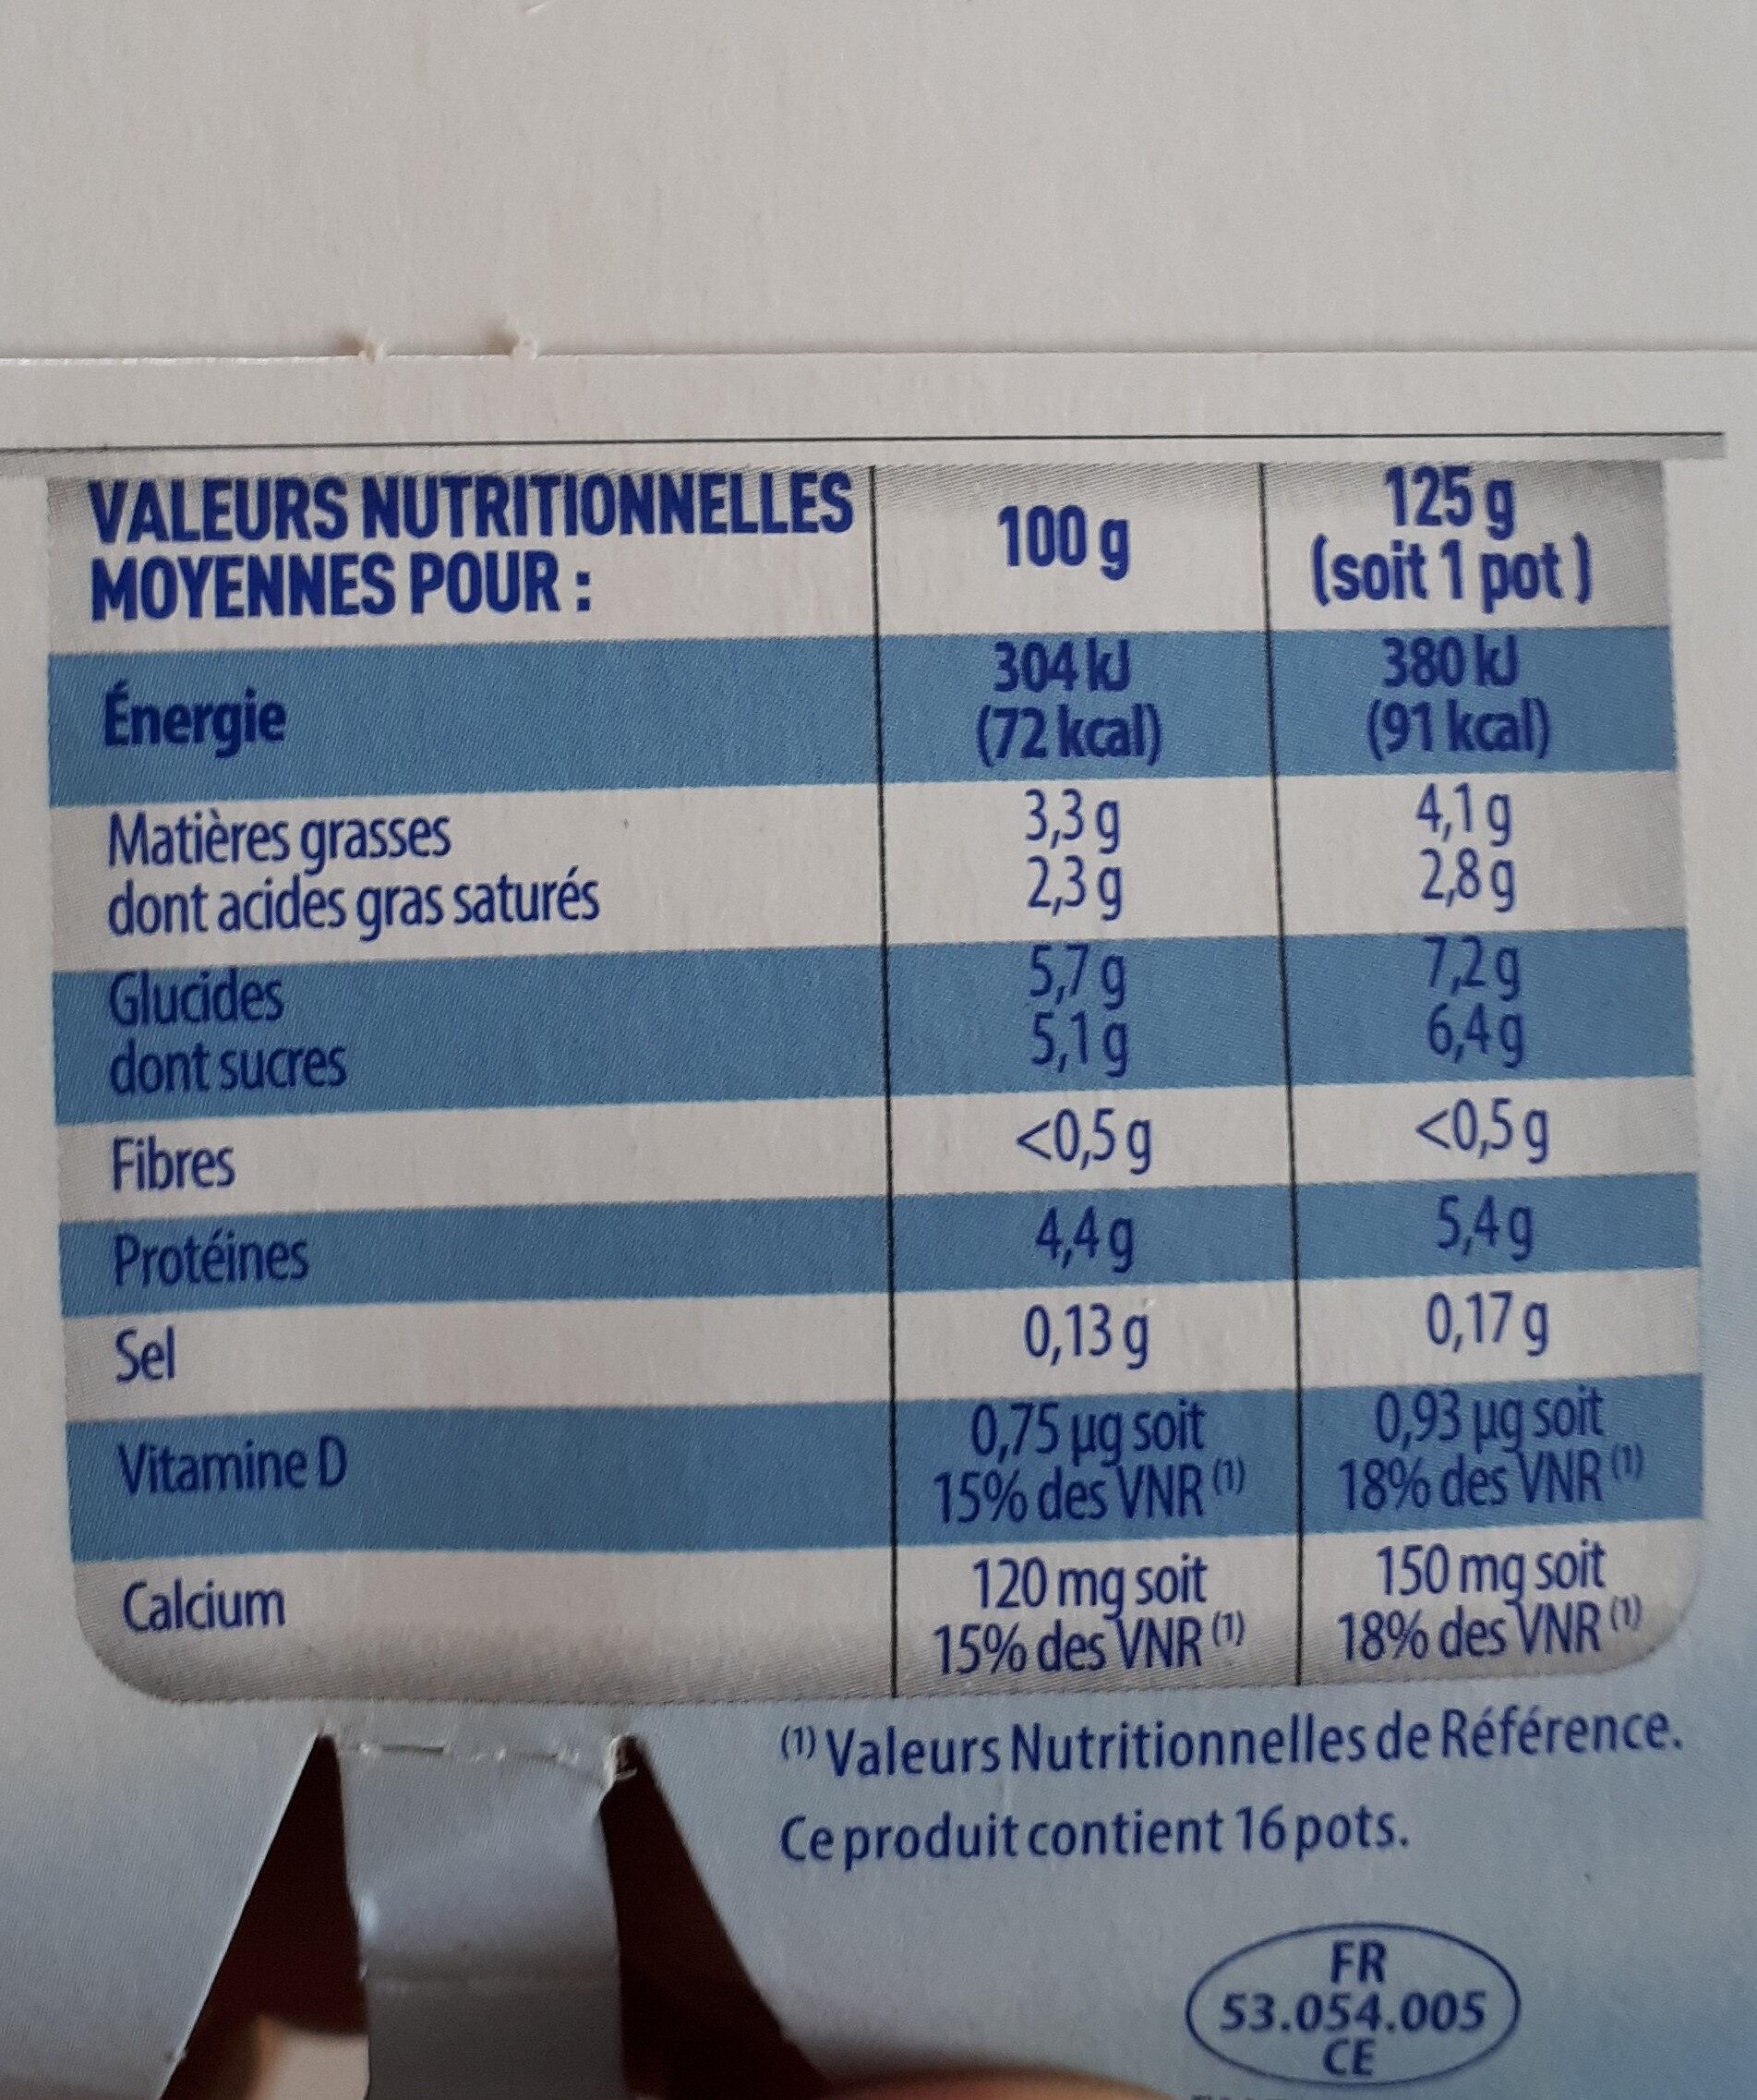 Onctueux - 16 Yaourts brassés nature - Informations nutritionnelles - fr